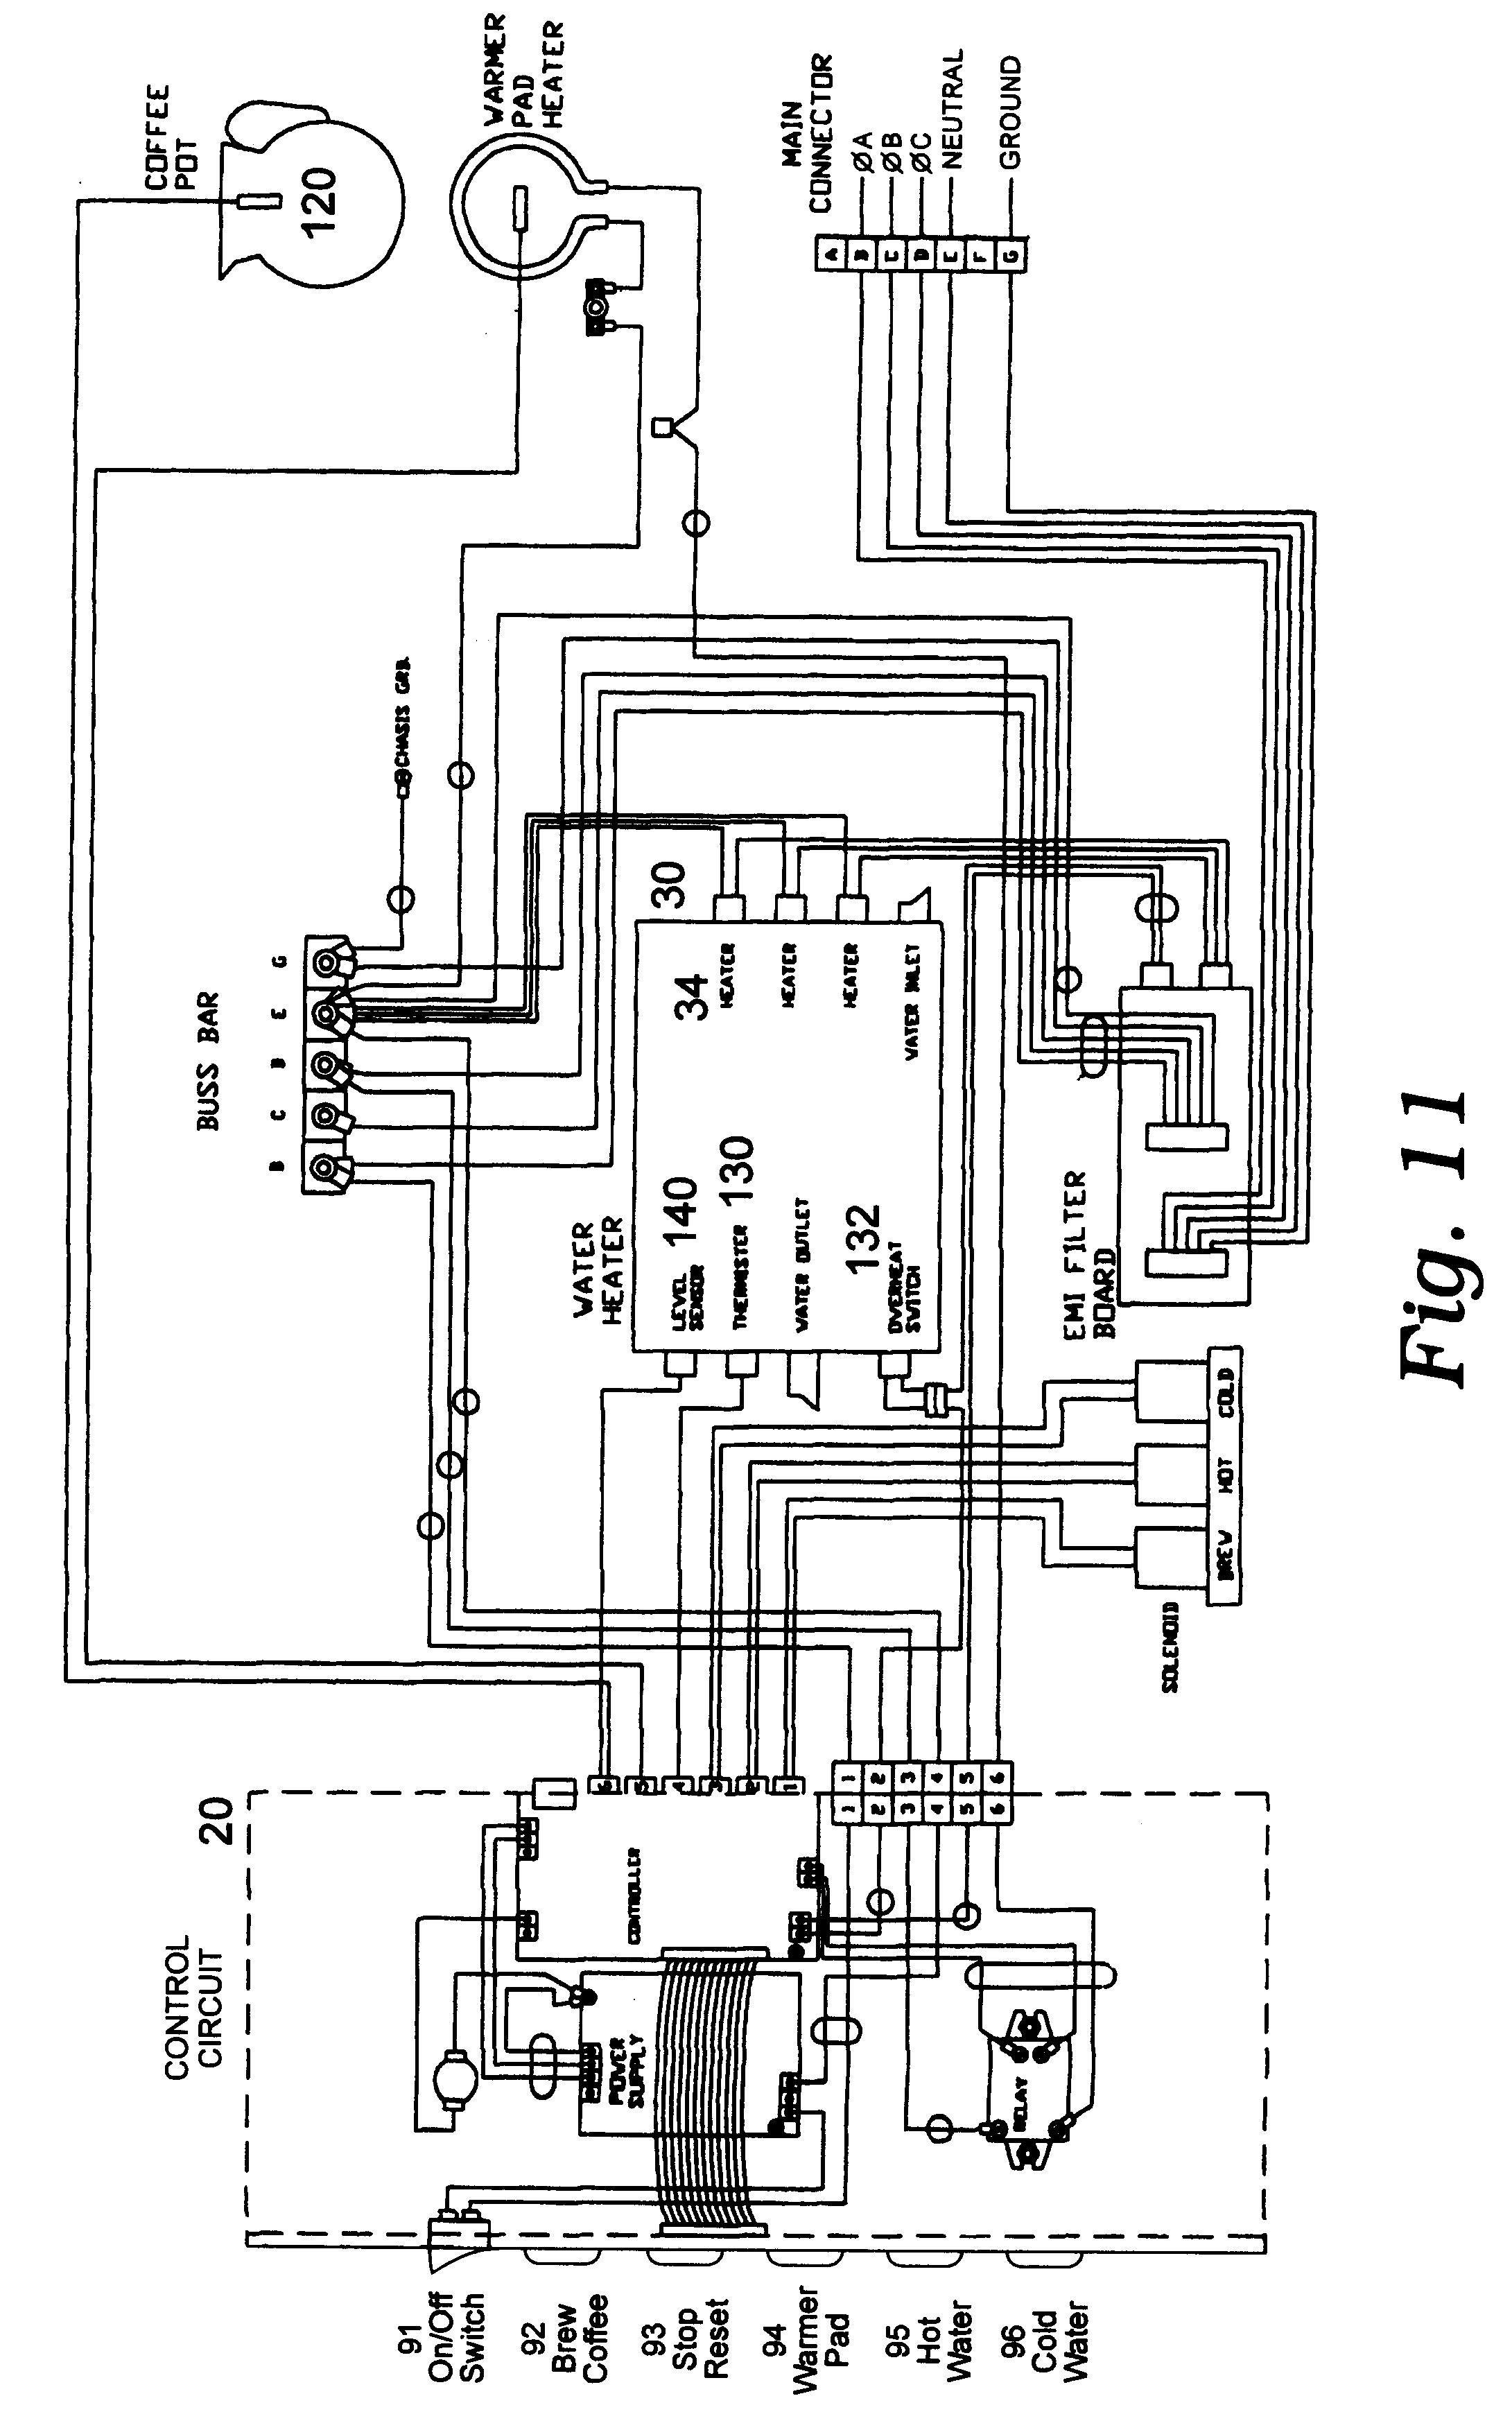 Cuisinart Espresso Maker Em 200 Wiring Diagram